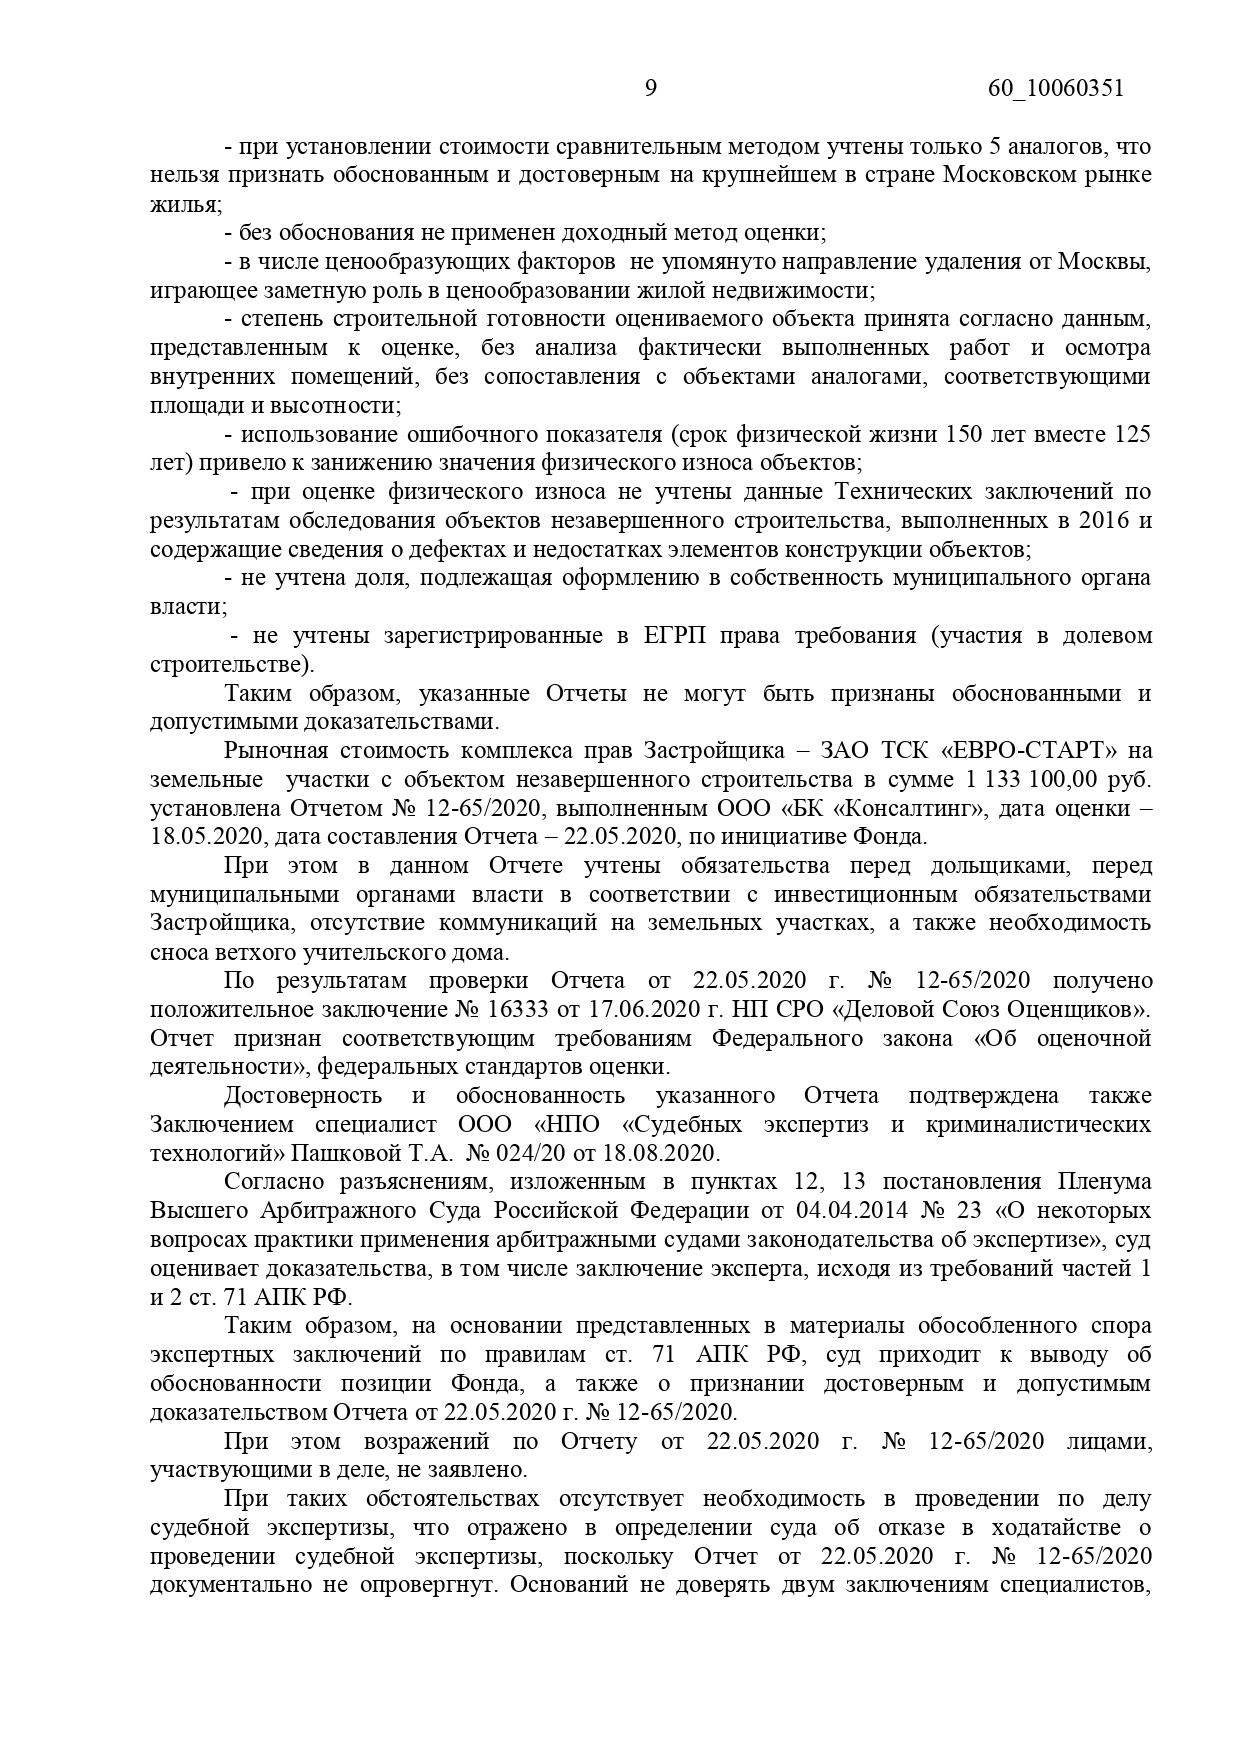 Определение Арбитражного суда города Москвы от 24.09.2020 г.